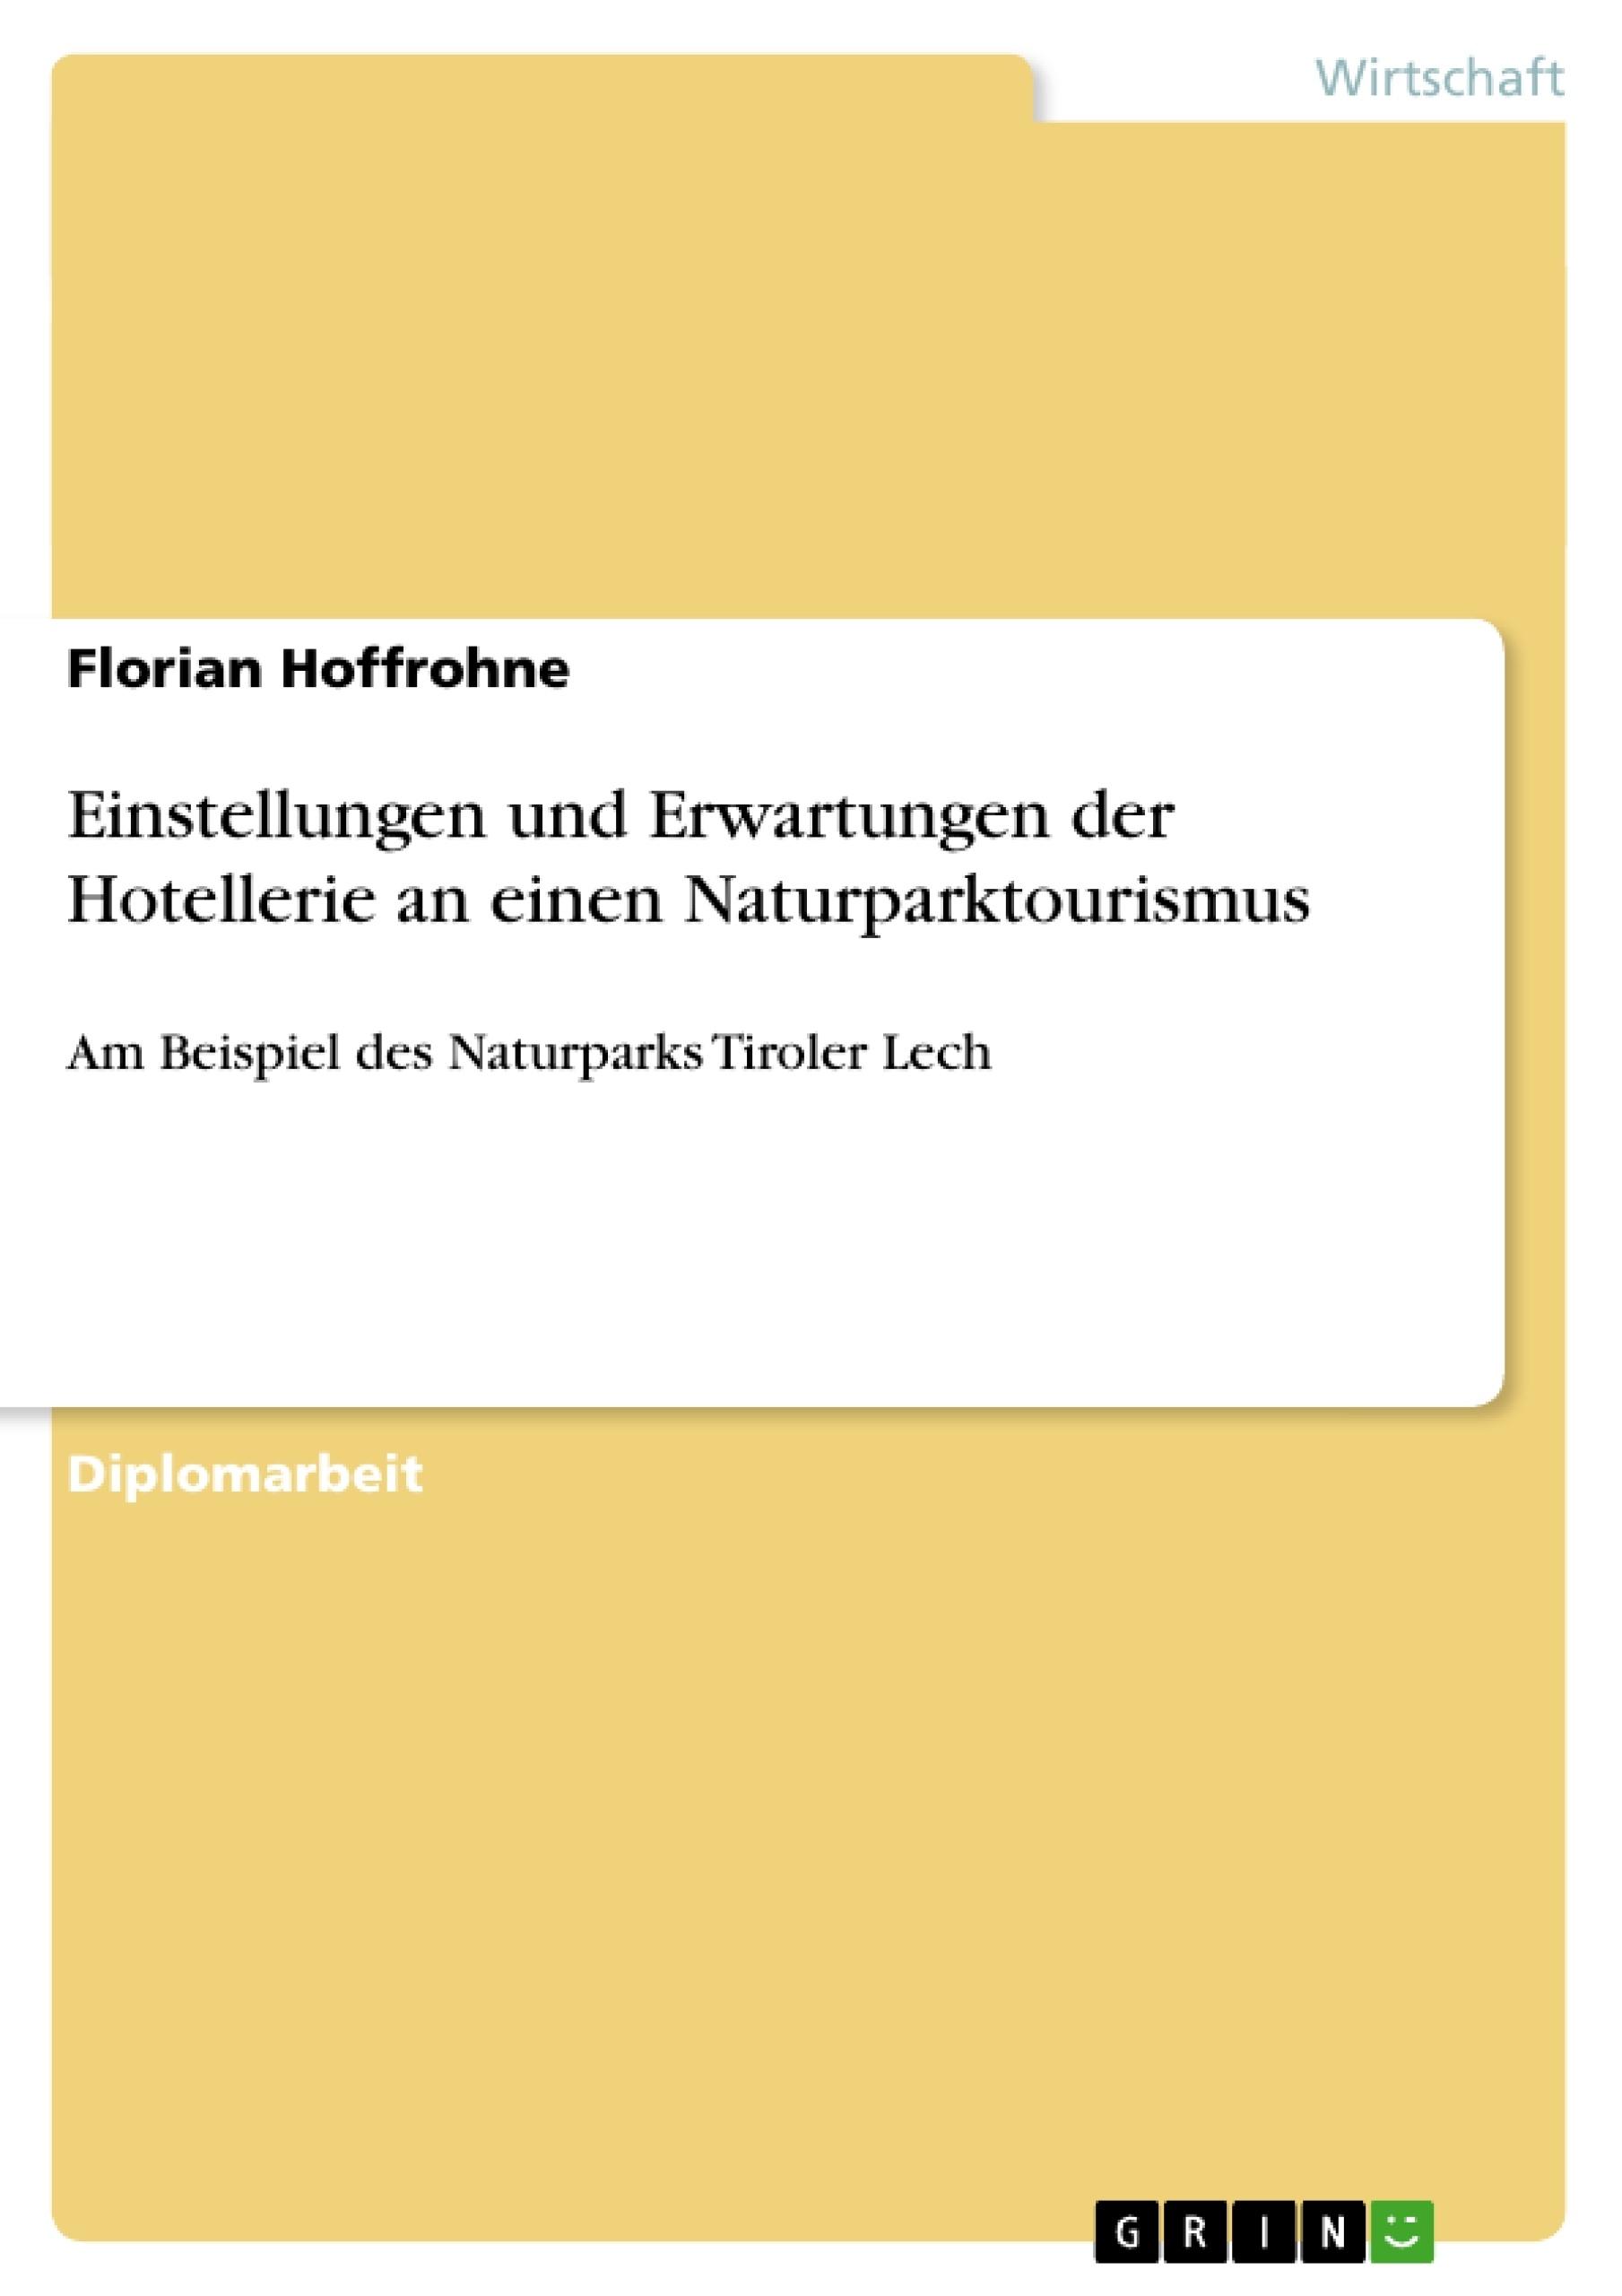 Titel: Einstellungen und Erwartungen der Hotellerie an einen Naturparktourismus